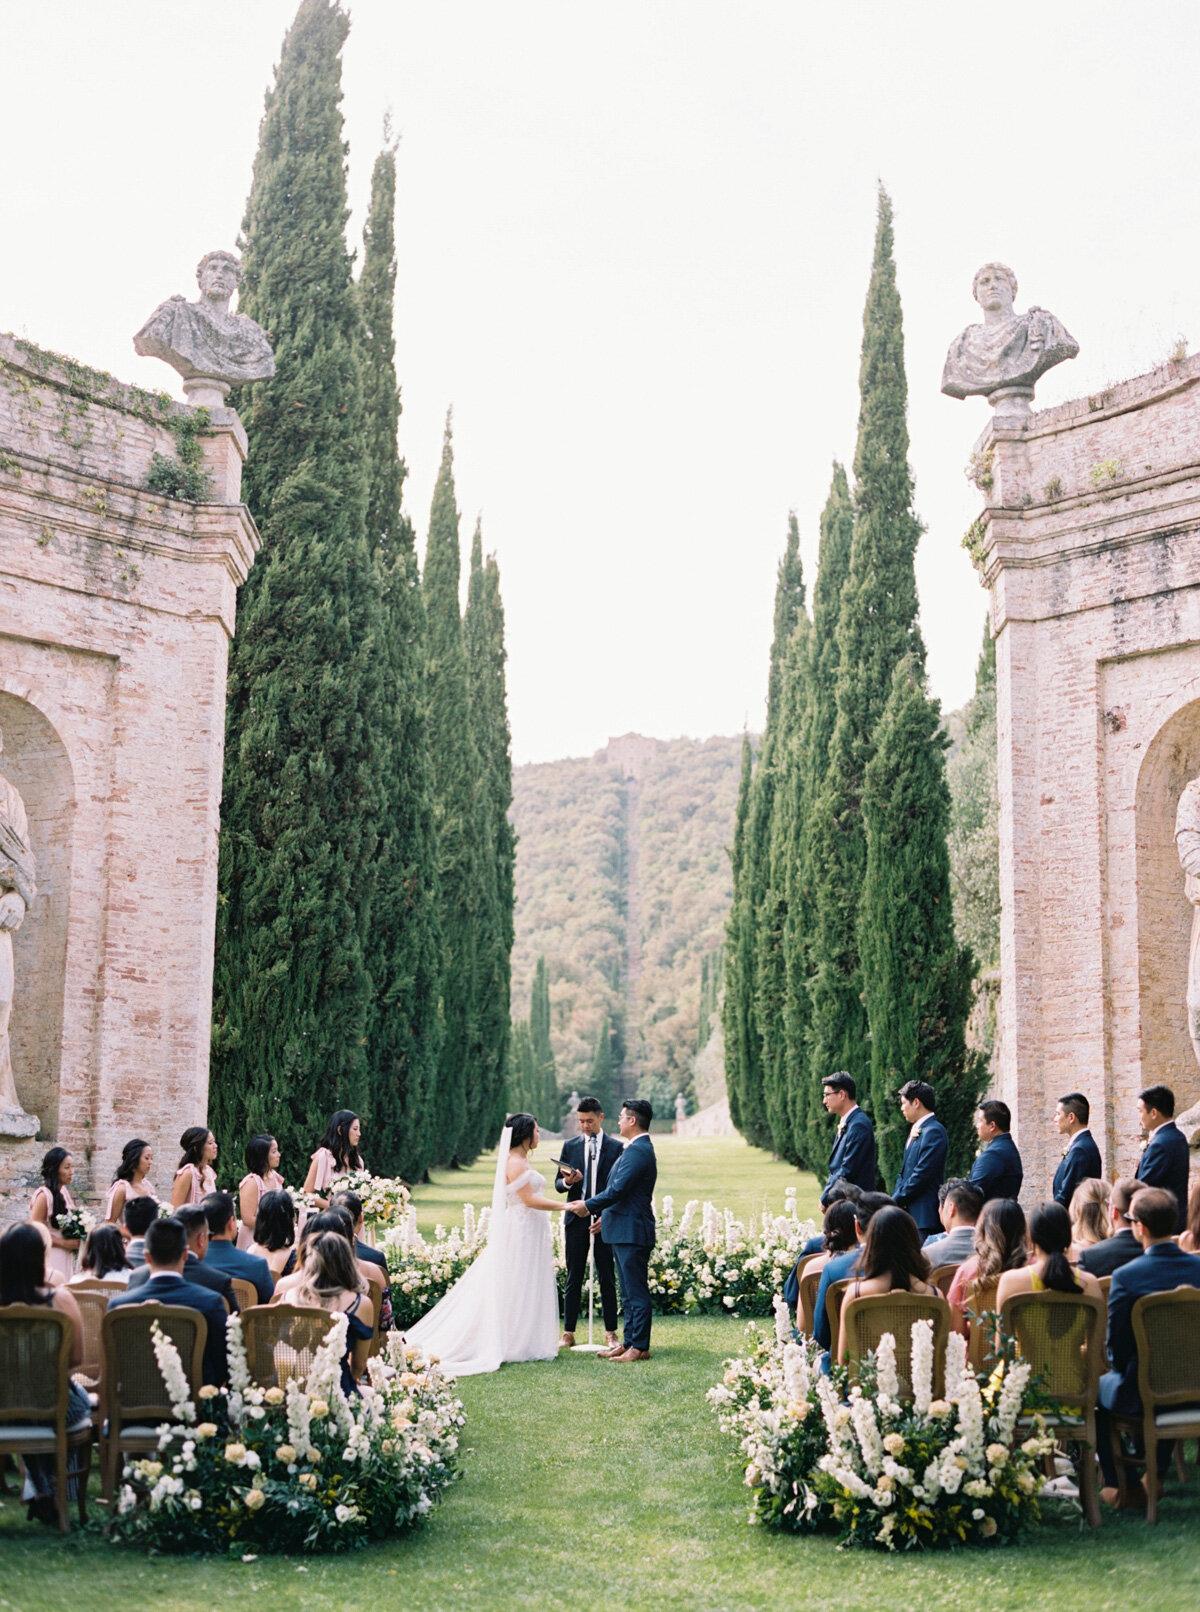 Villa-Cetinale-Tuscany-Katie-Grant-destination-wedding (71 of 115).jpg